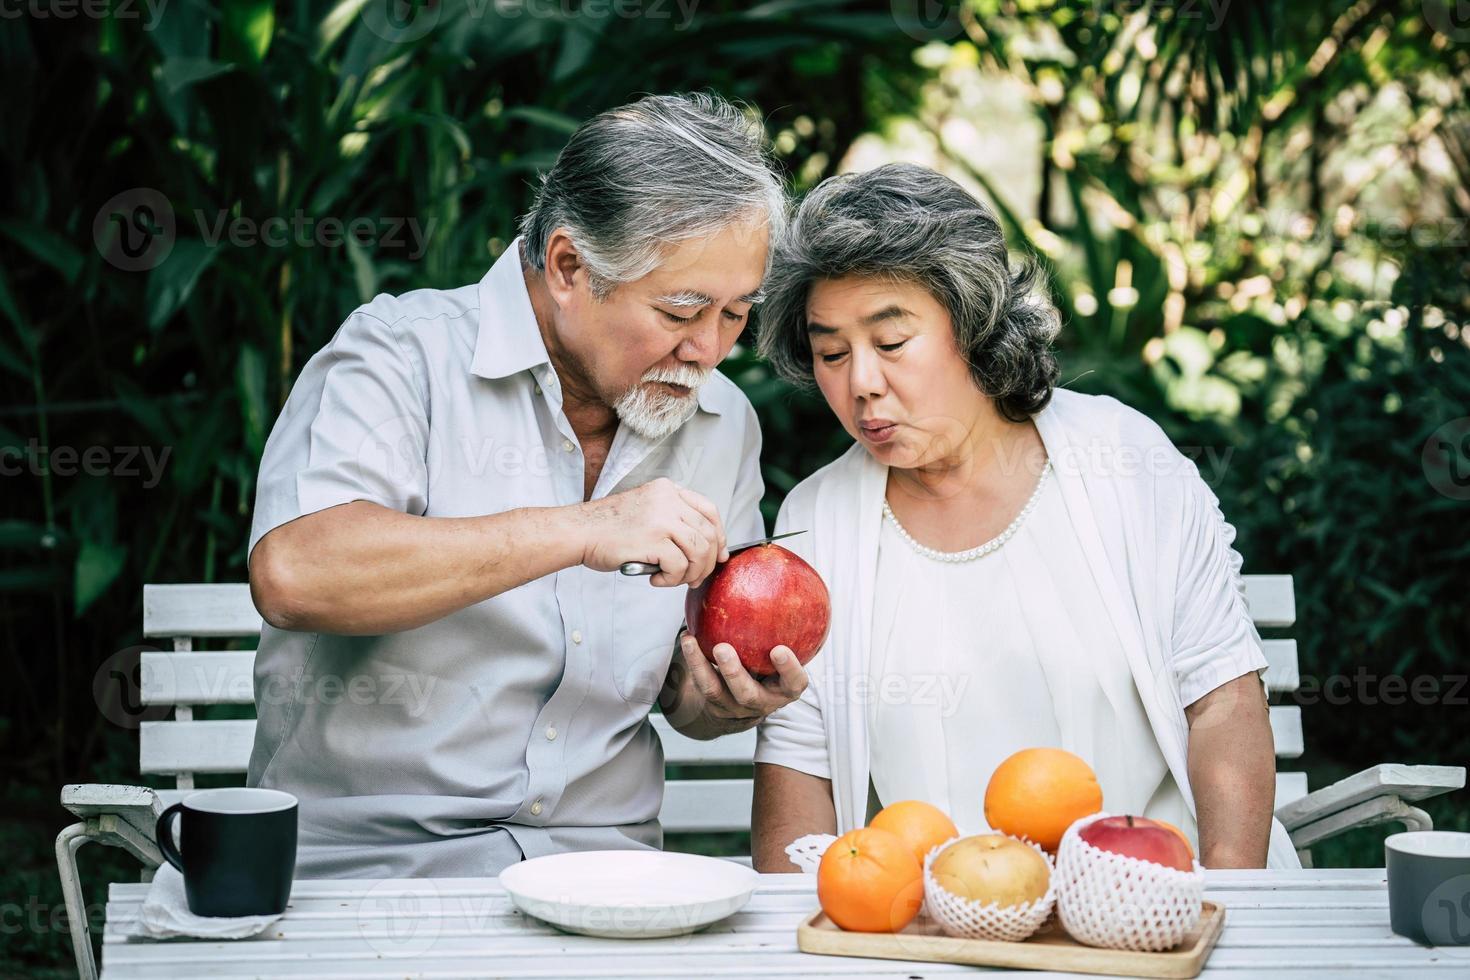 coppia di anziani affettare e mangiare frutta foto